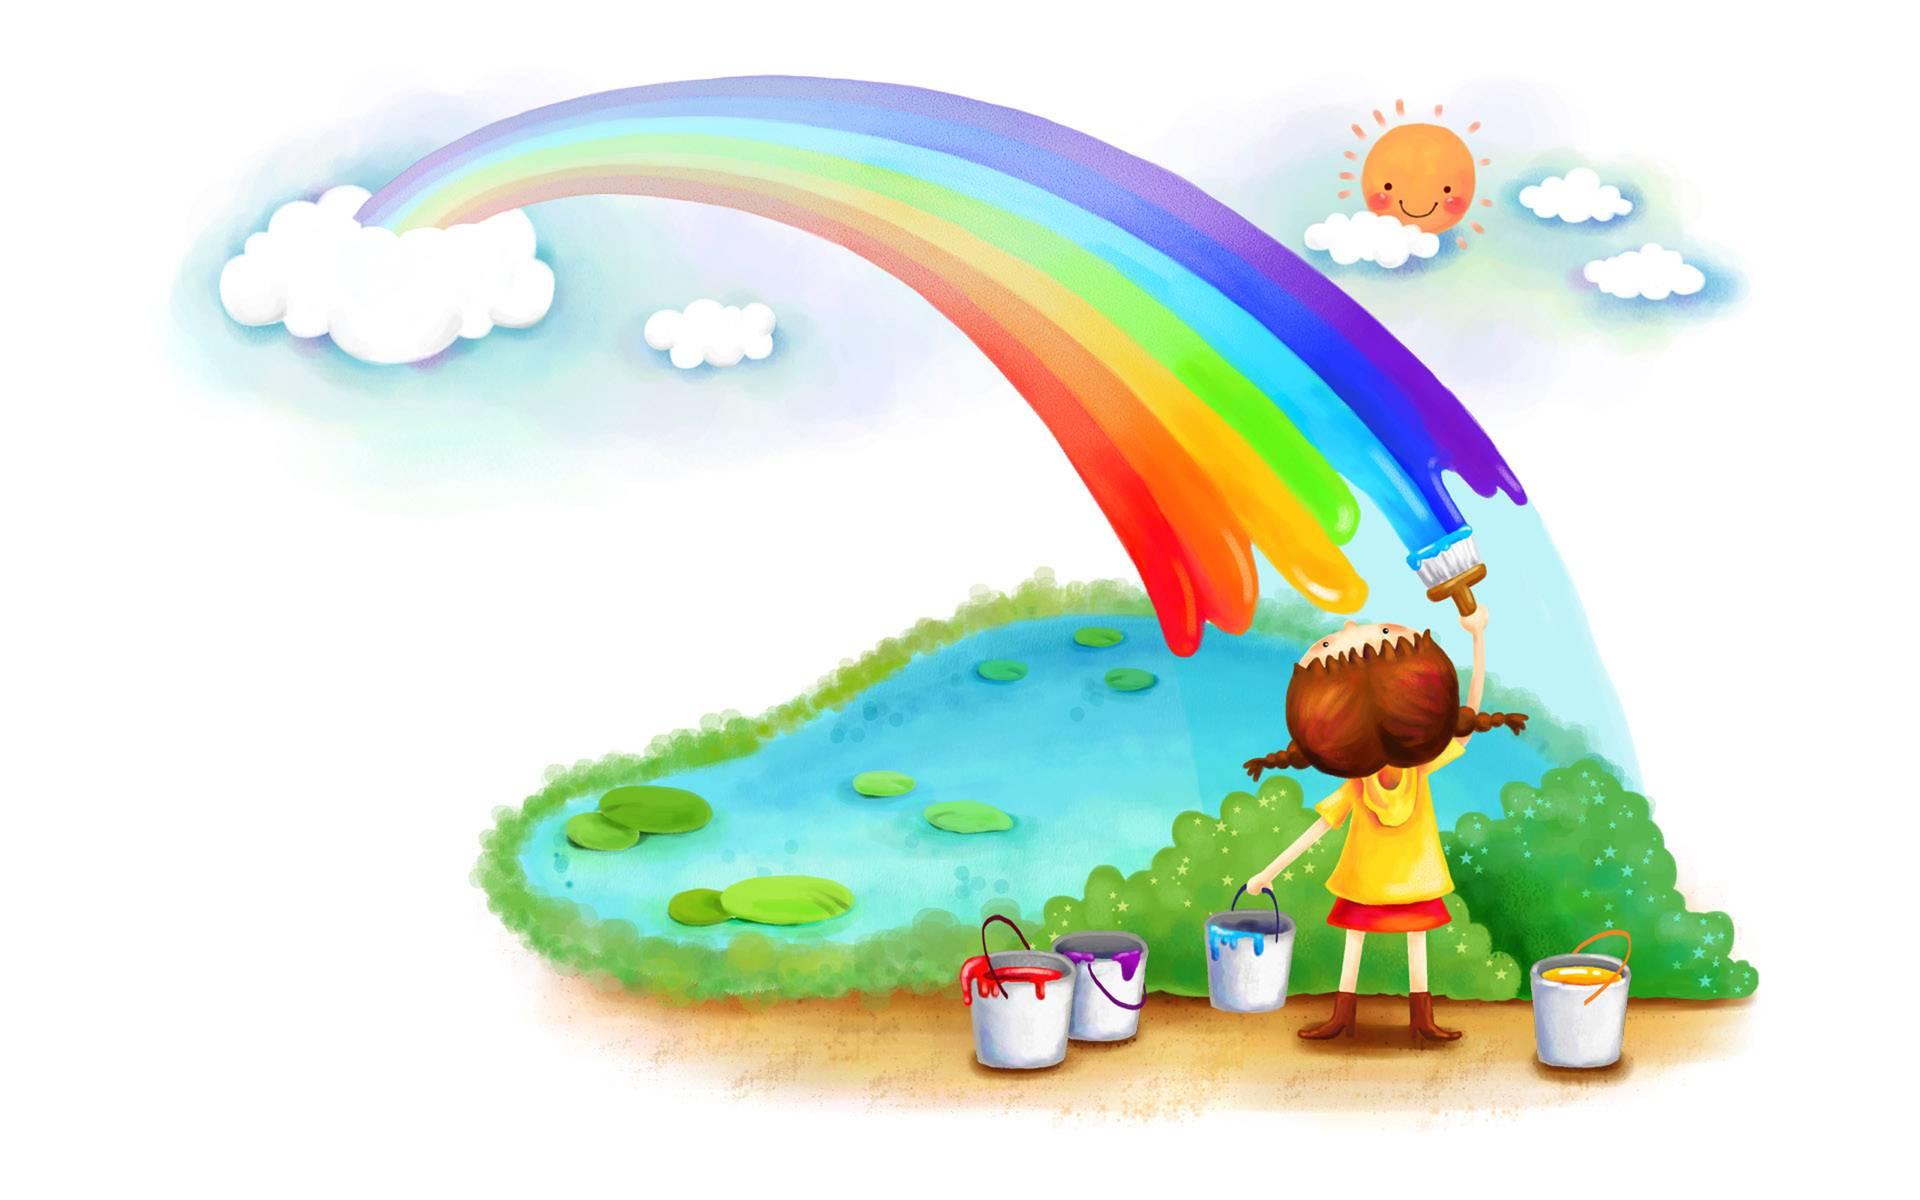 Сказка «Пароходик» от детской студии «Развиваемся играя»